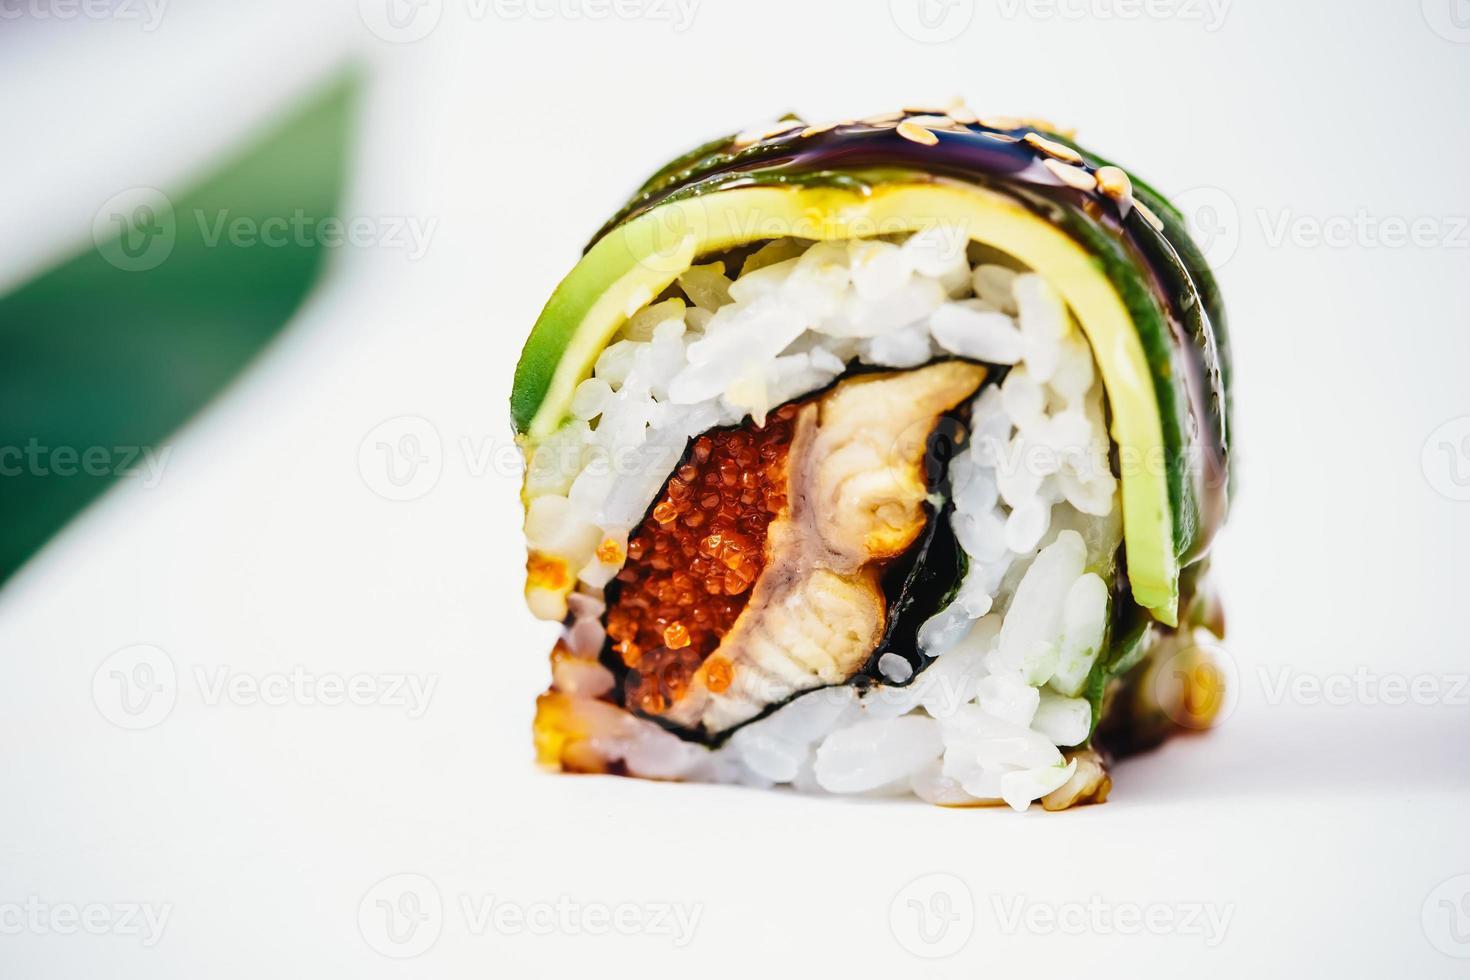 involtini di sushi giapponesi freschi tradizionali foto